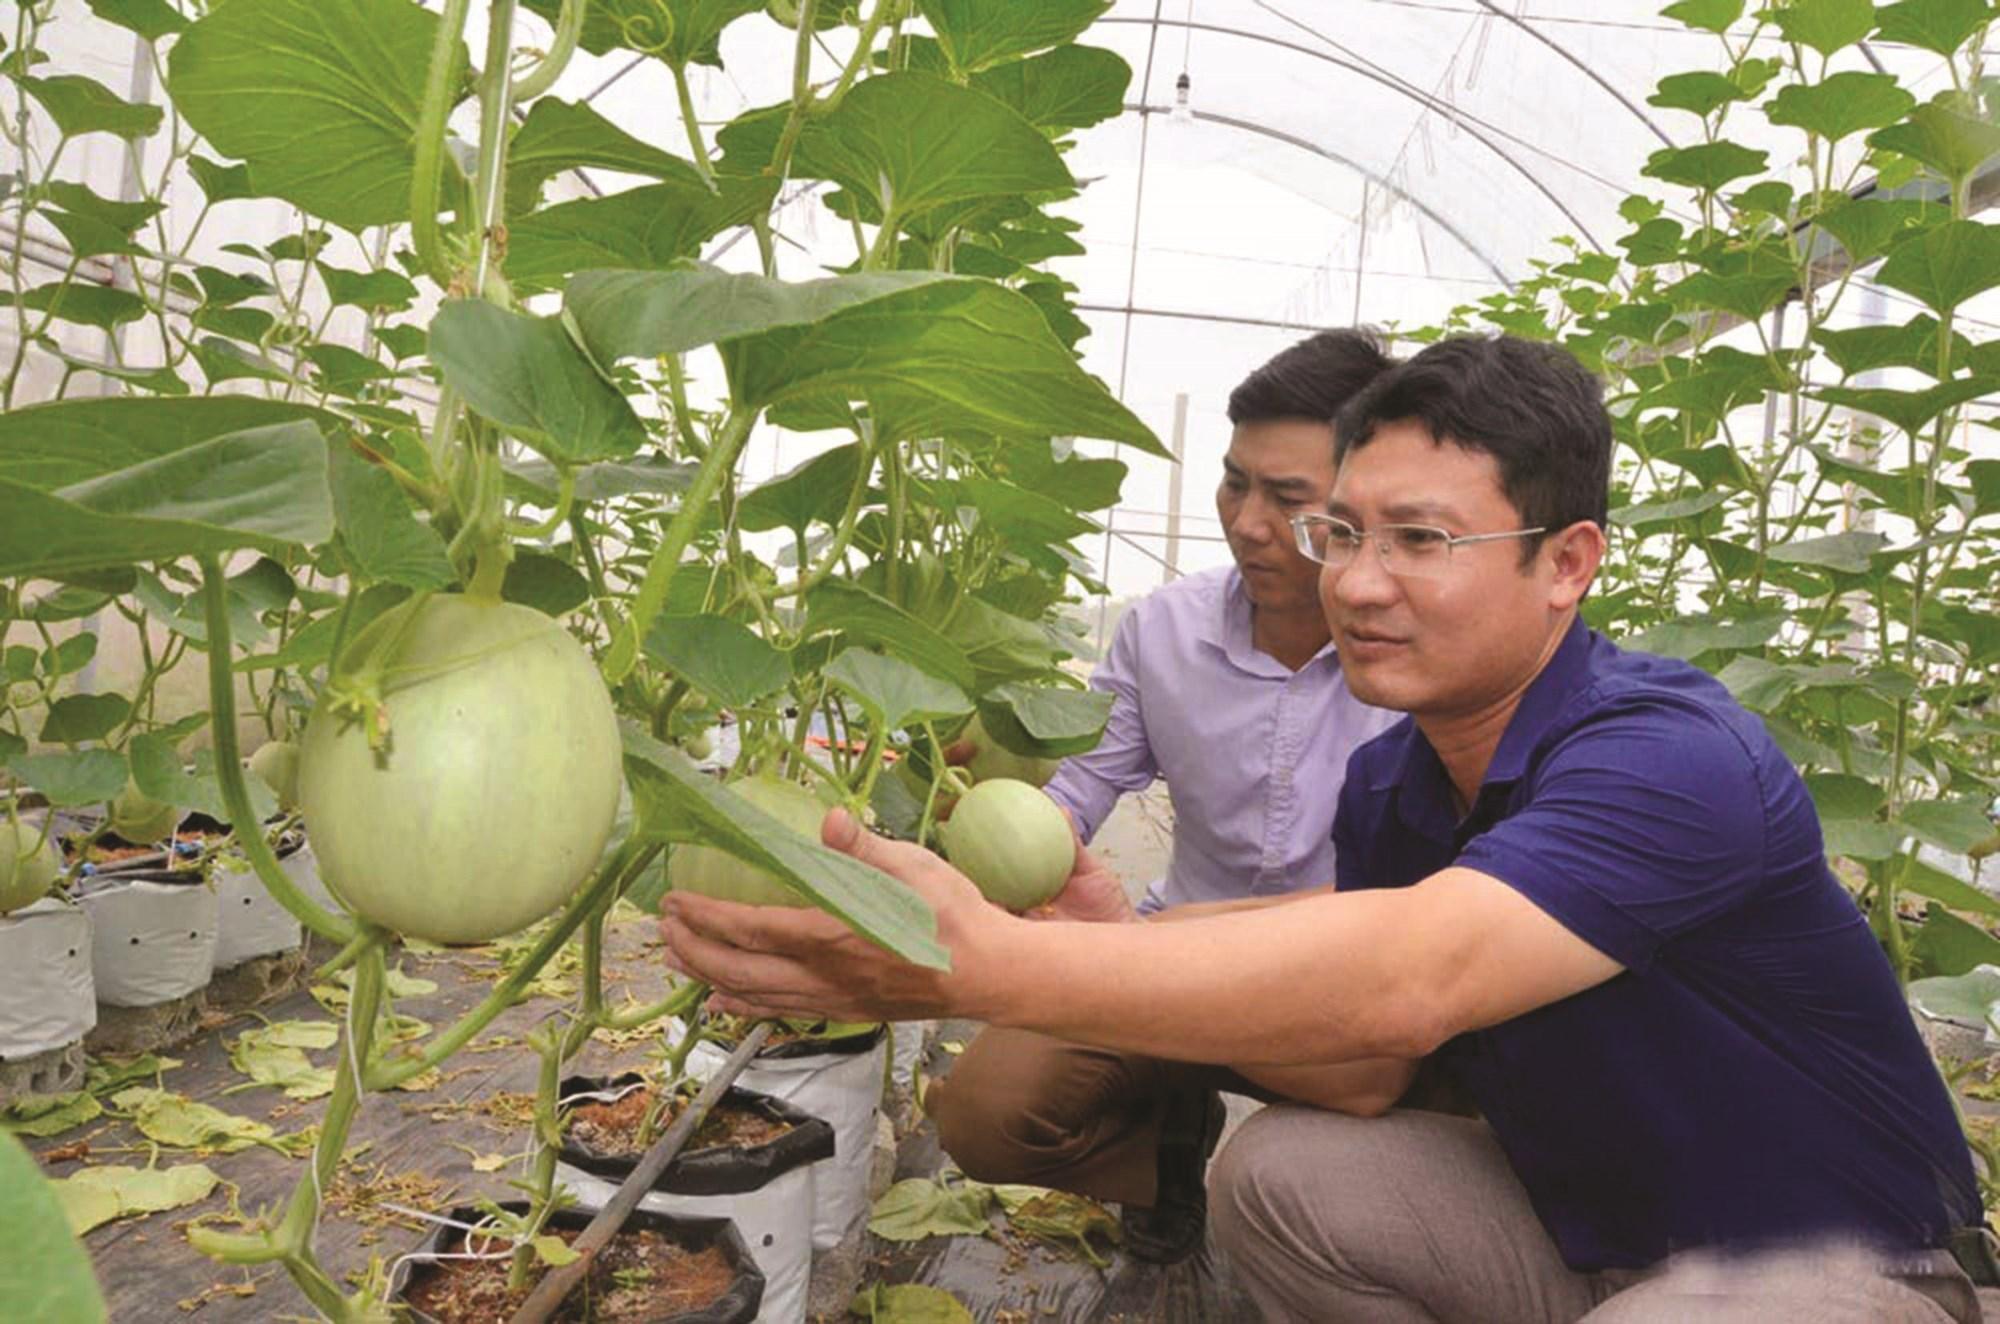 Người dân Con Cuông nỗ lực làm kinh tế để đạt tiêu chí về thu nhập. (Trong ảnh: mô hình trồng dưa lưới của người dân xã Lục Dạ).